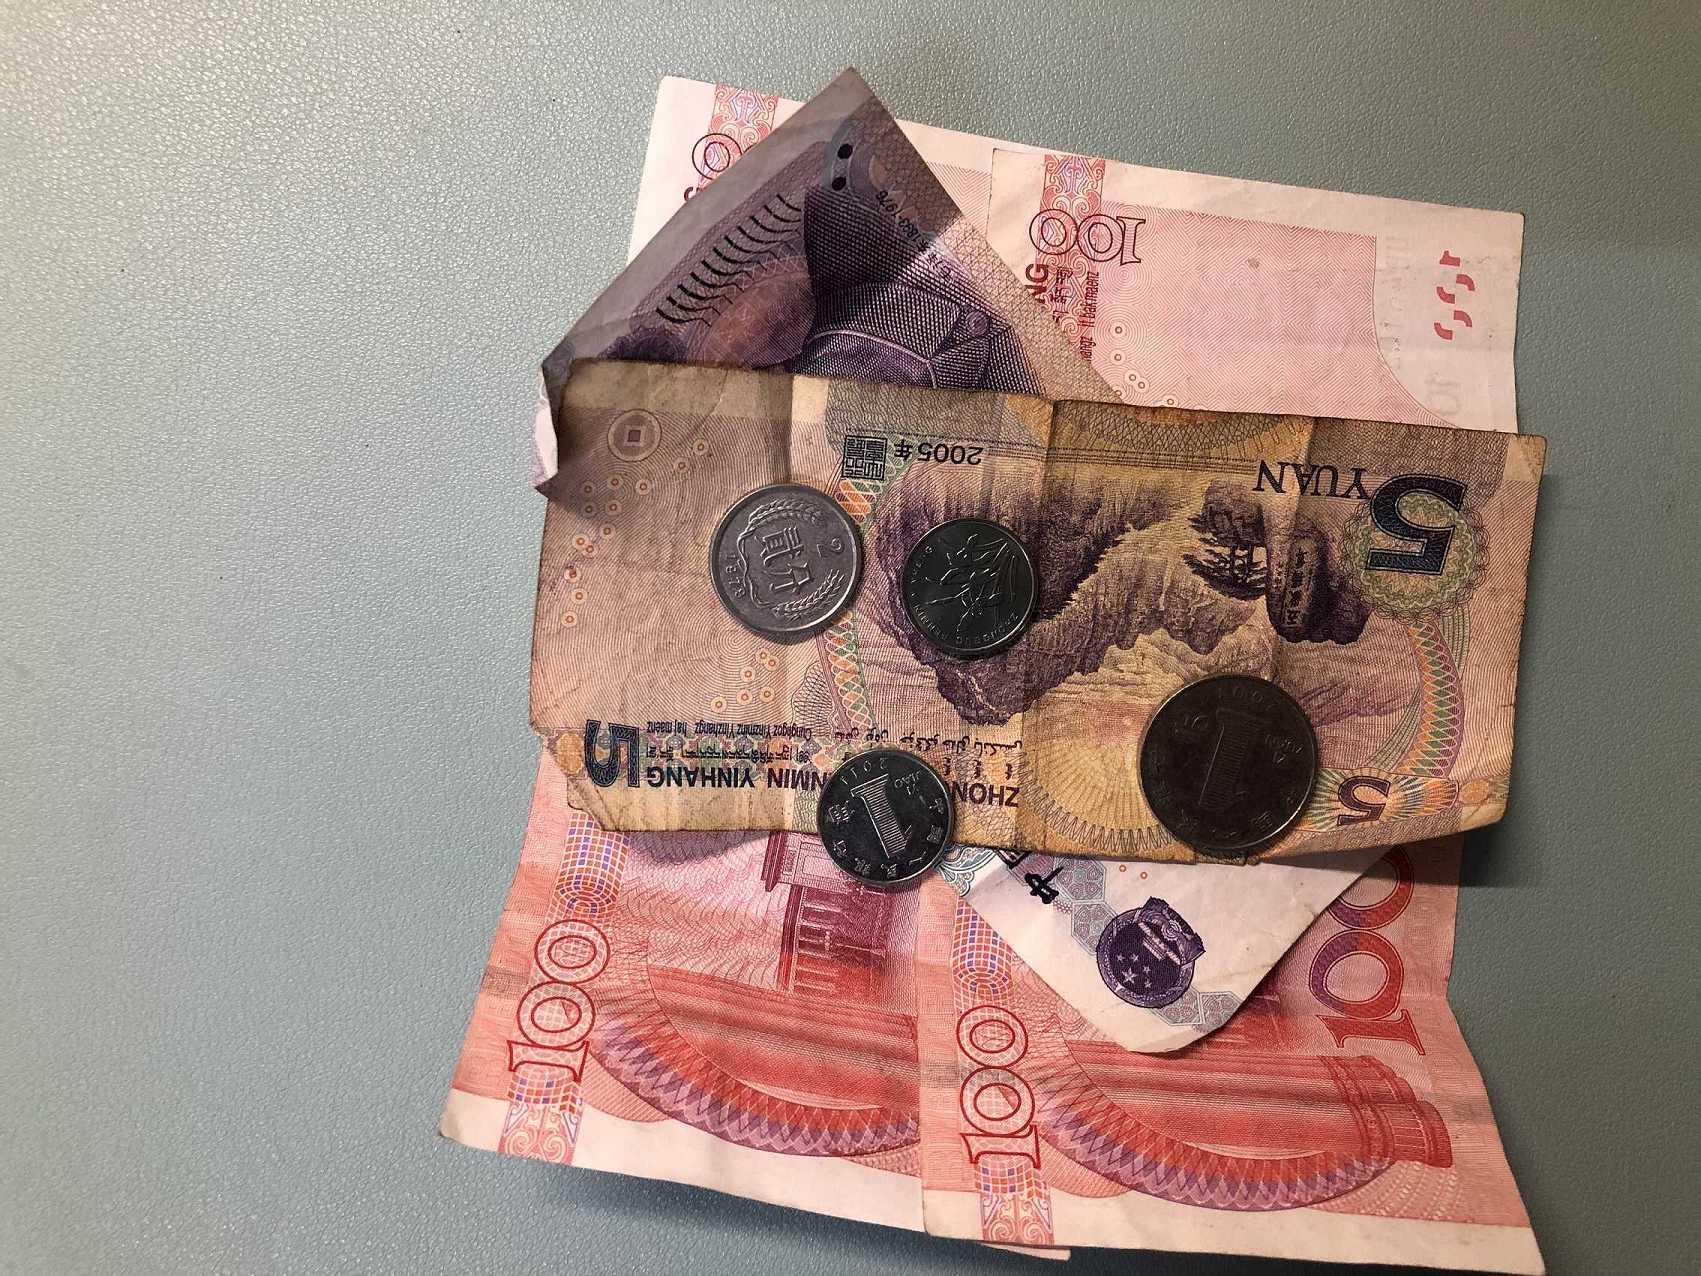 多人被冒名贷款是什么原因导致?被冒名贷款的最佳处理方法